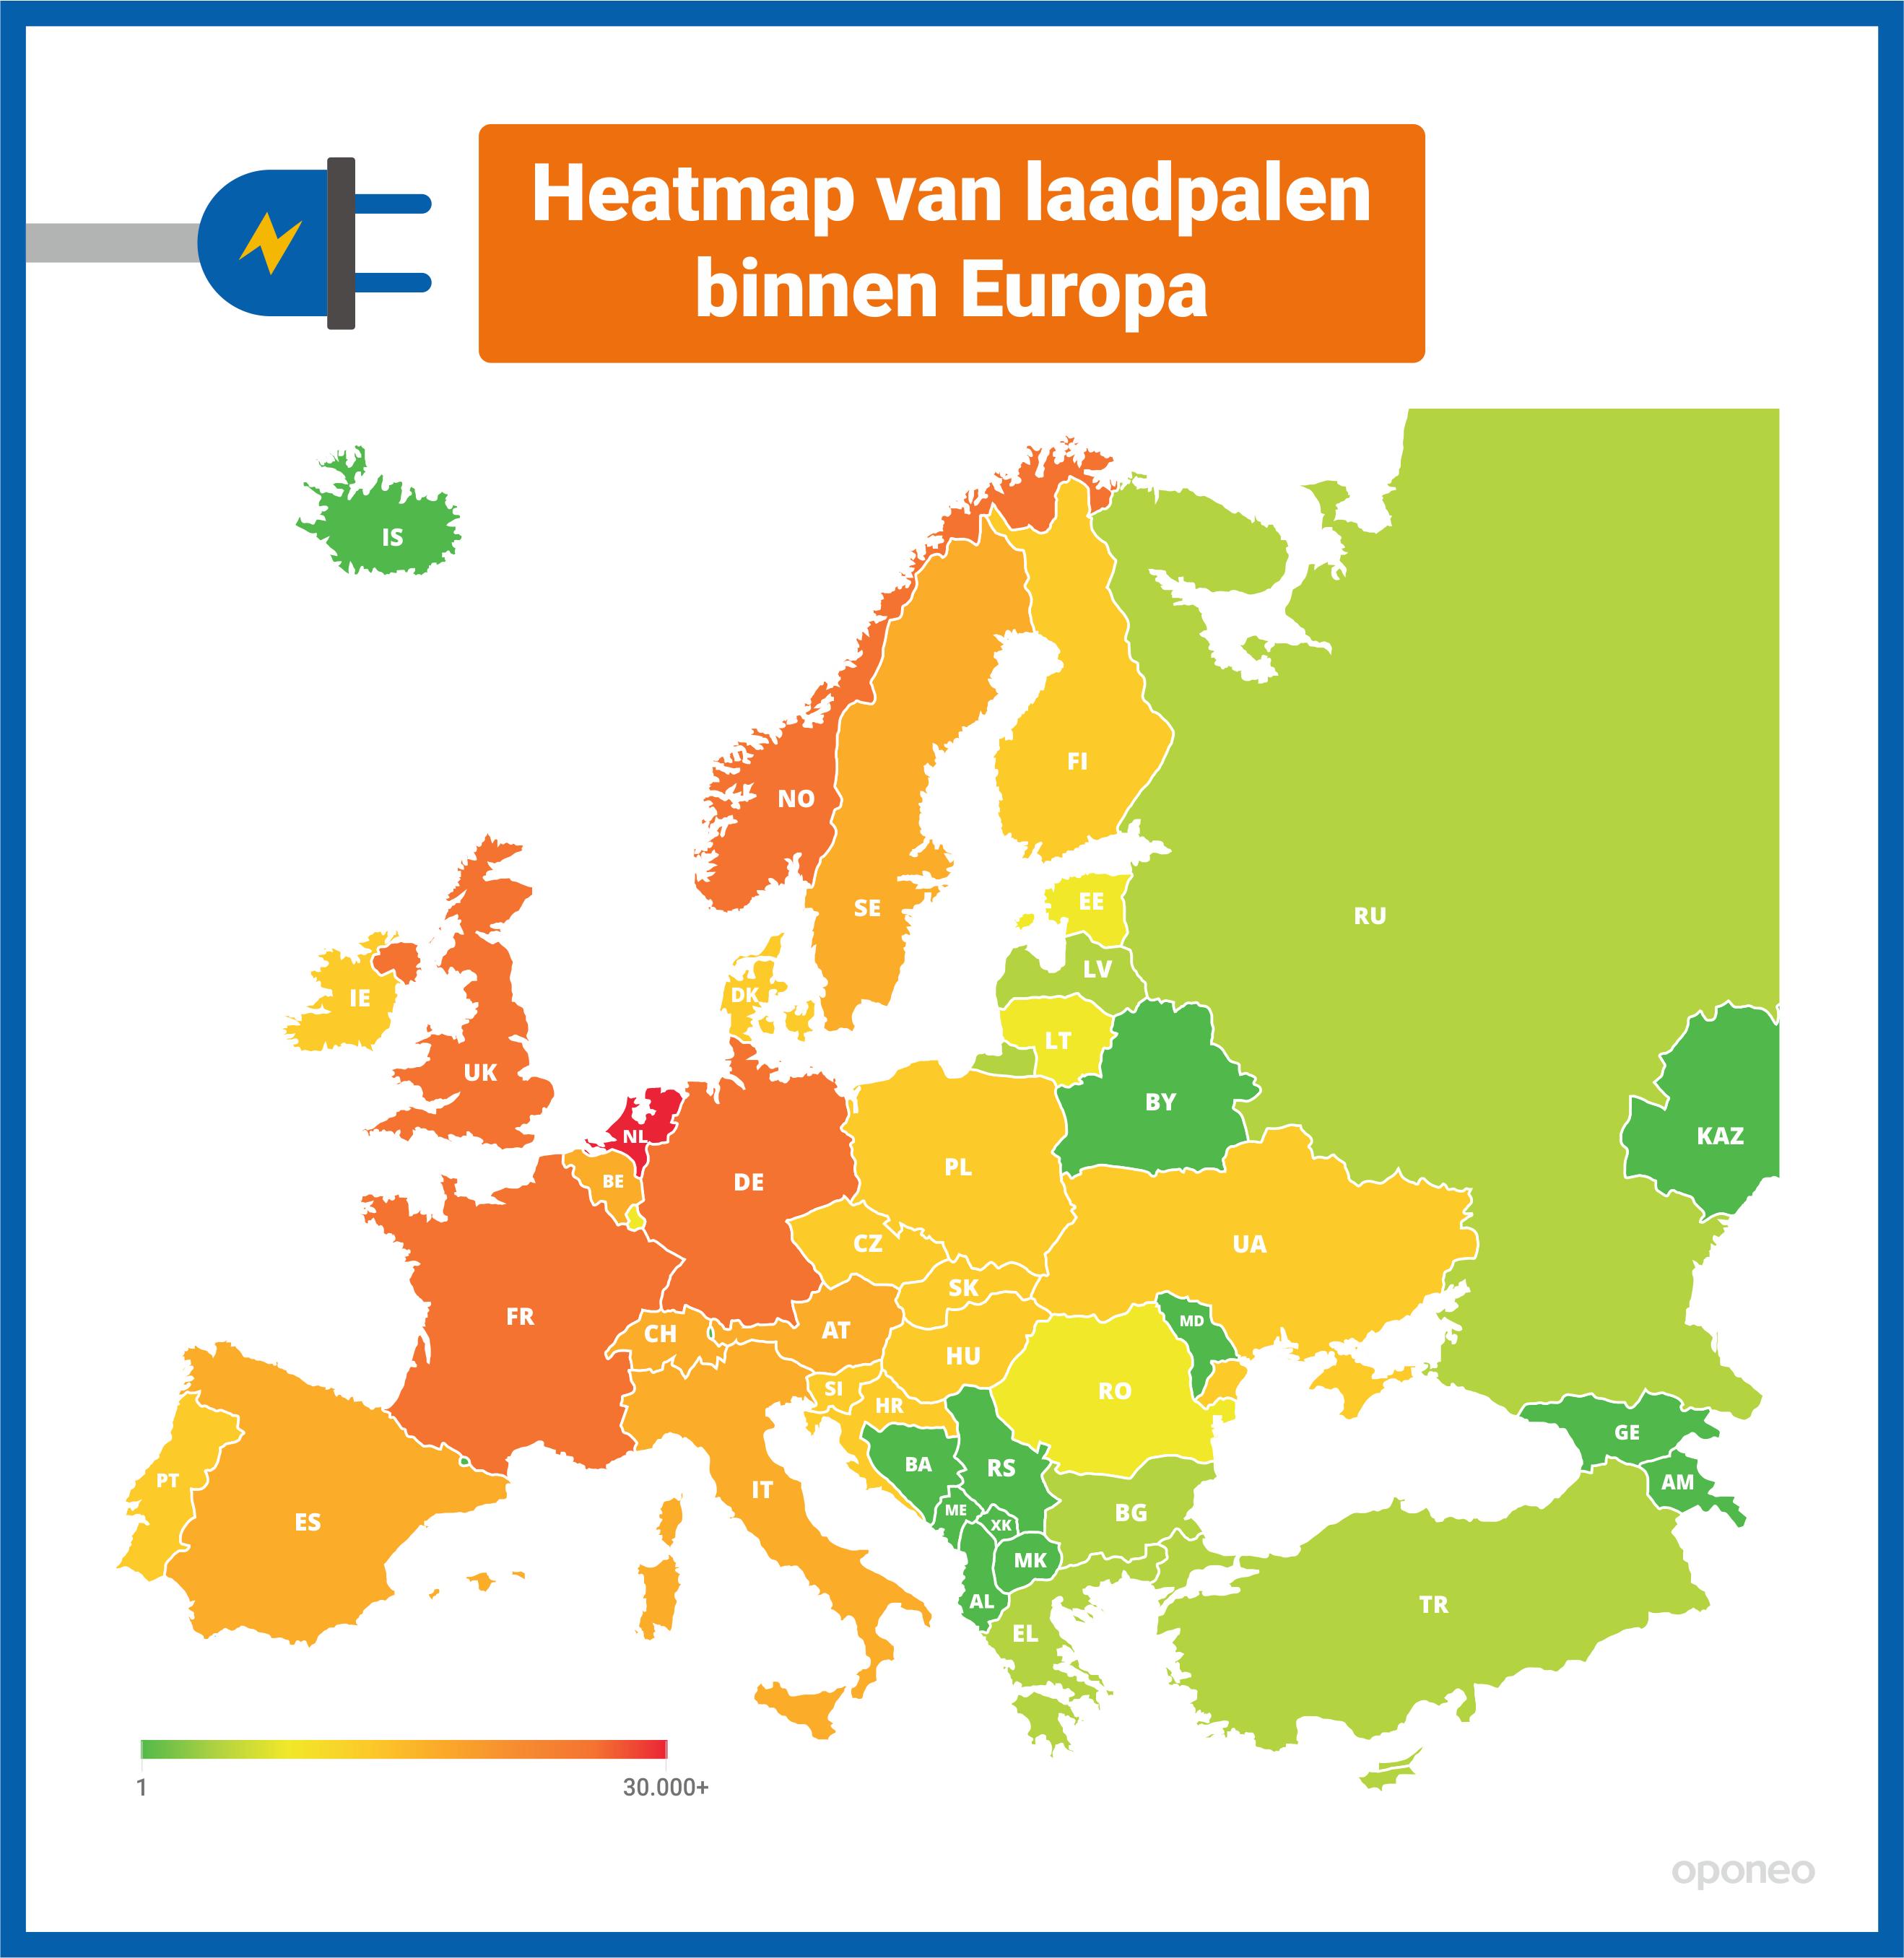 infographic heatmap van laadpalen binnen Europa